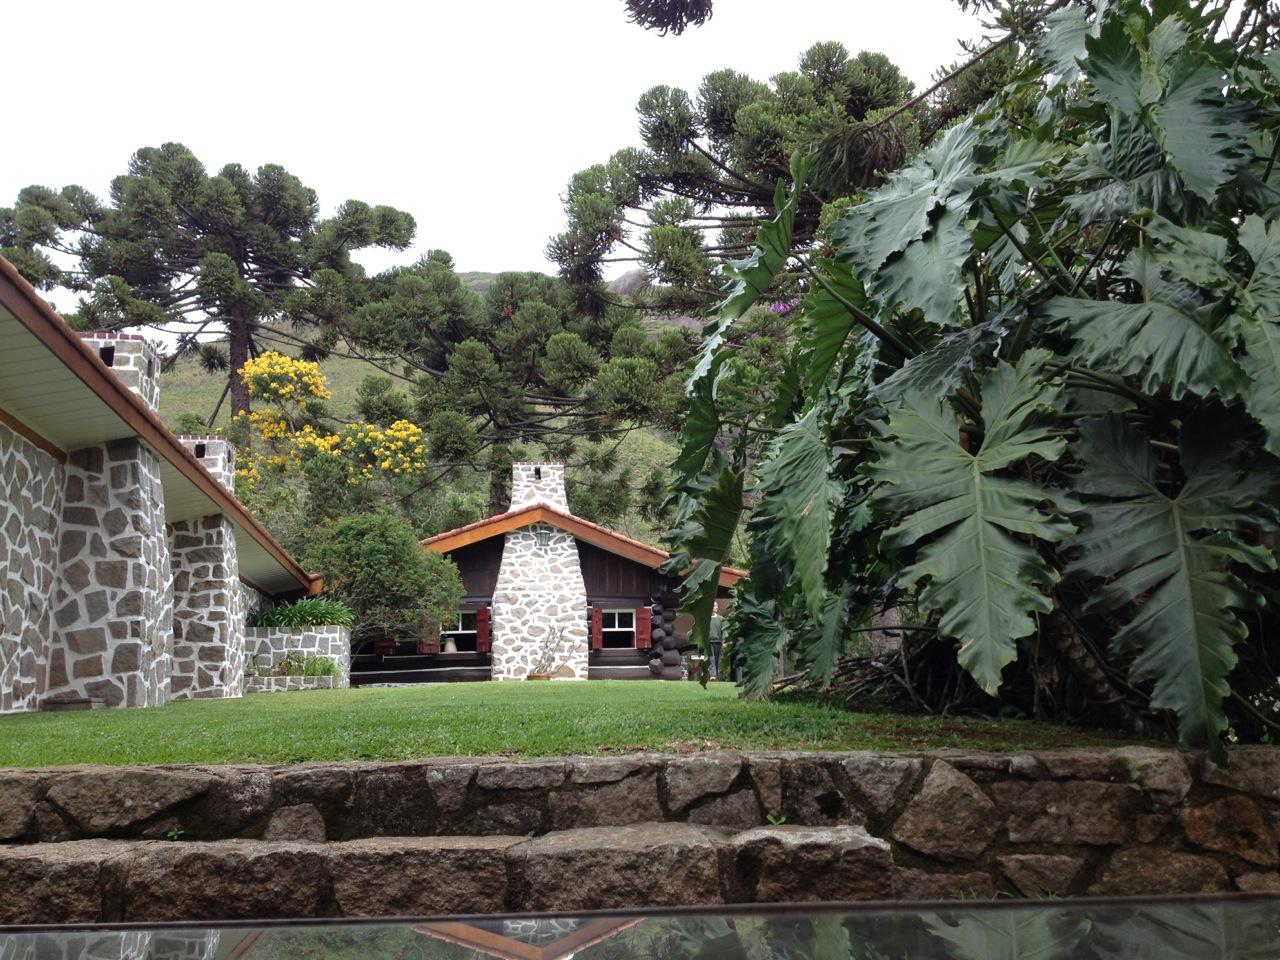 一戸建て のために 売買 アット Charm and coziness at an gorgeous location Rodovia Teresópolis-Itaipava Teresopolis, リオデジャネイロ, 25966-200 ブラジル